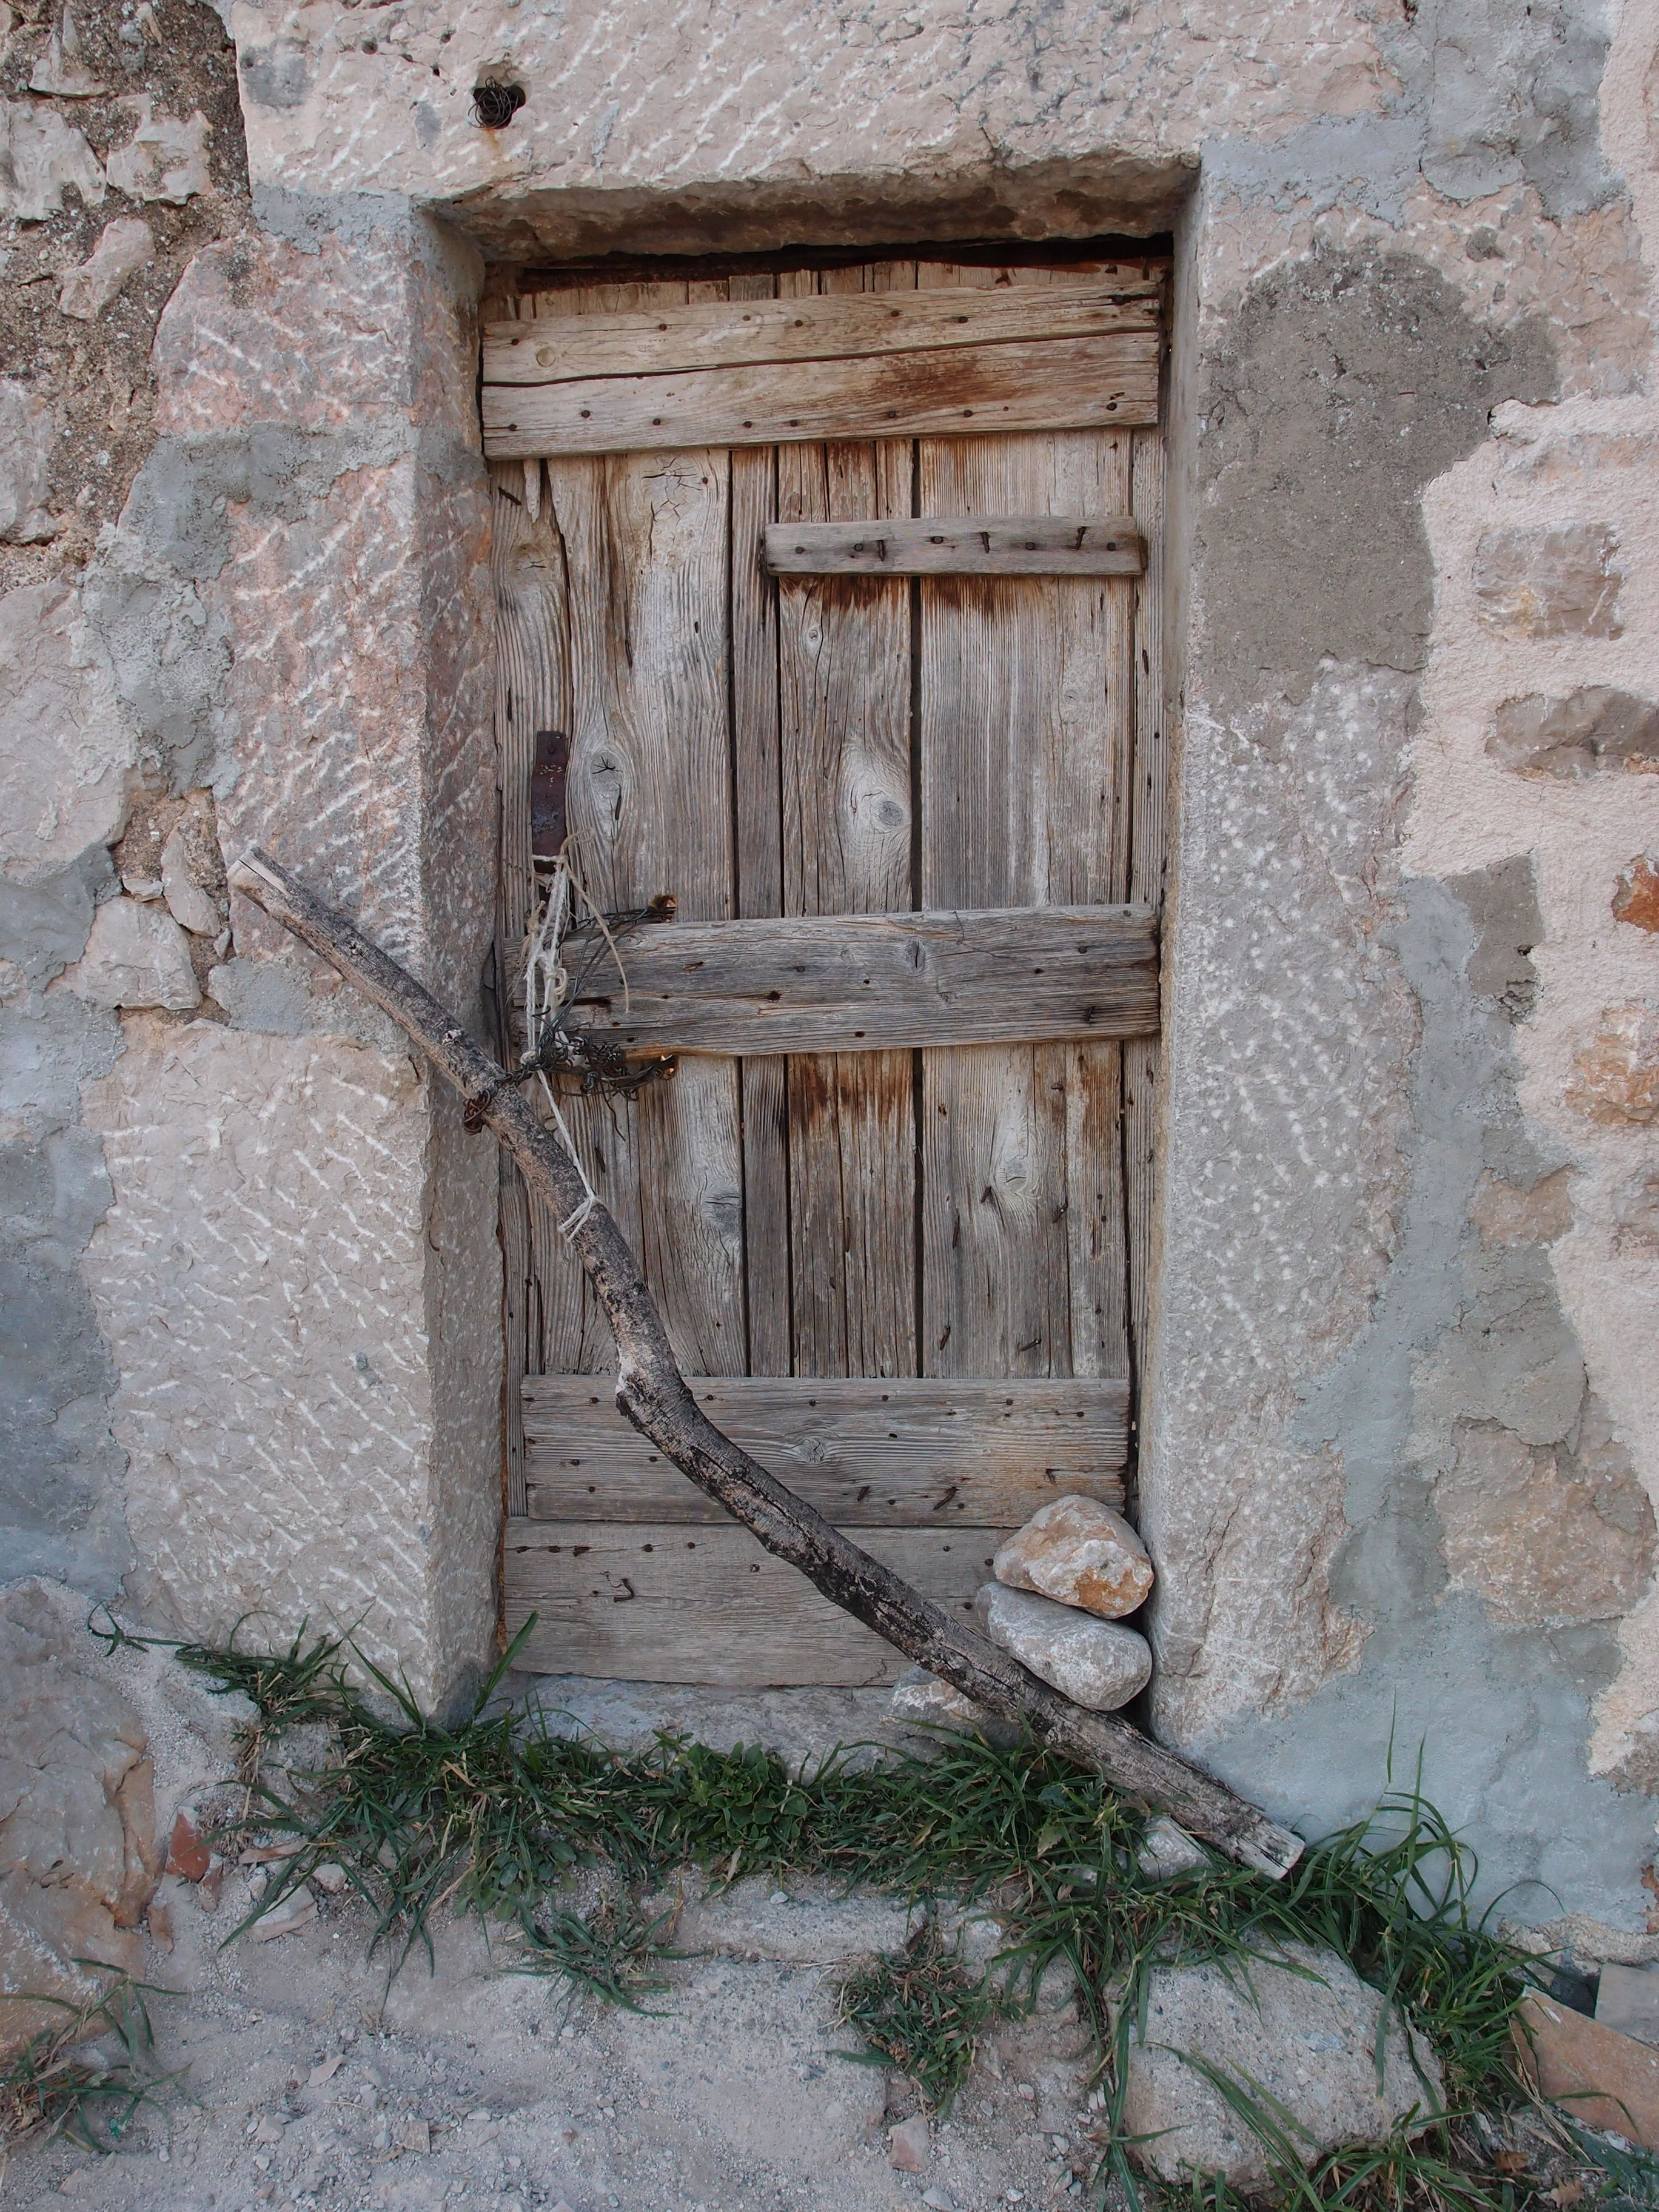 Old door in or nearby Paklenica Croatia. Photographed by Marleen van de Kraats & Old door in or nearby Paklenica Croatia. Photographed by Marleen ... pezcame.com